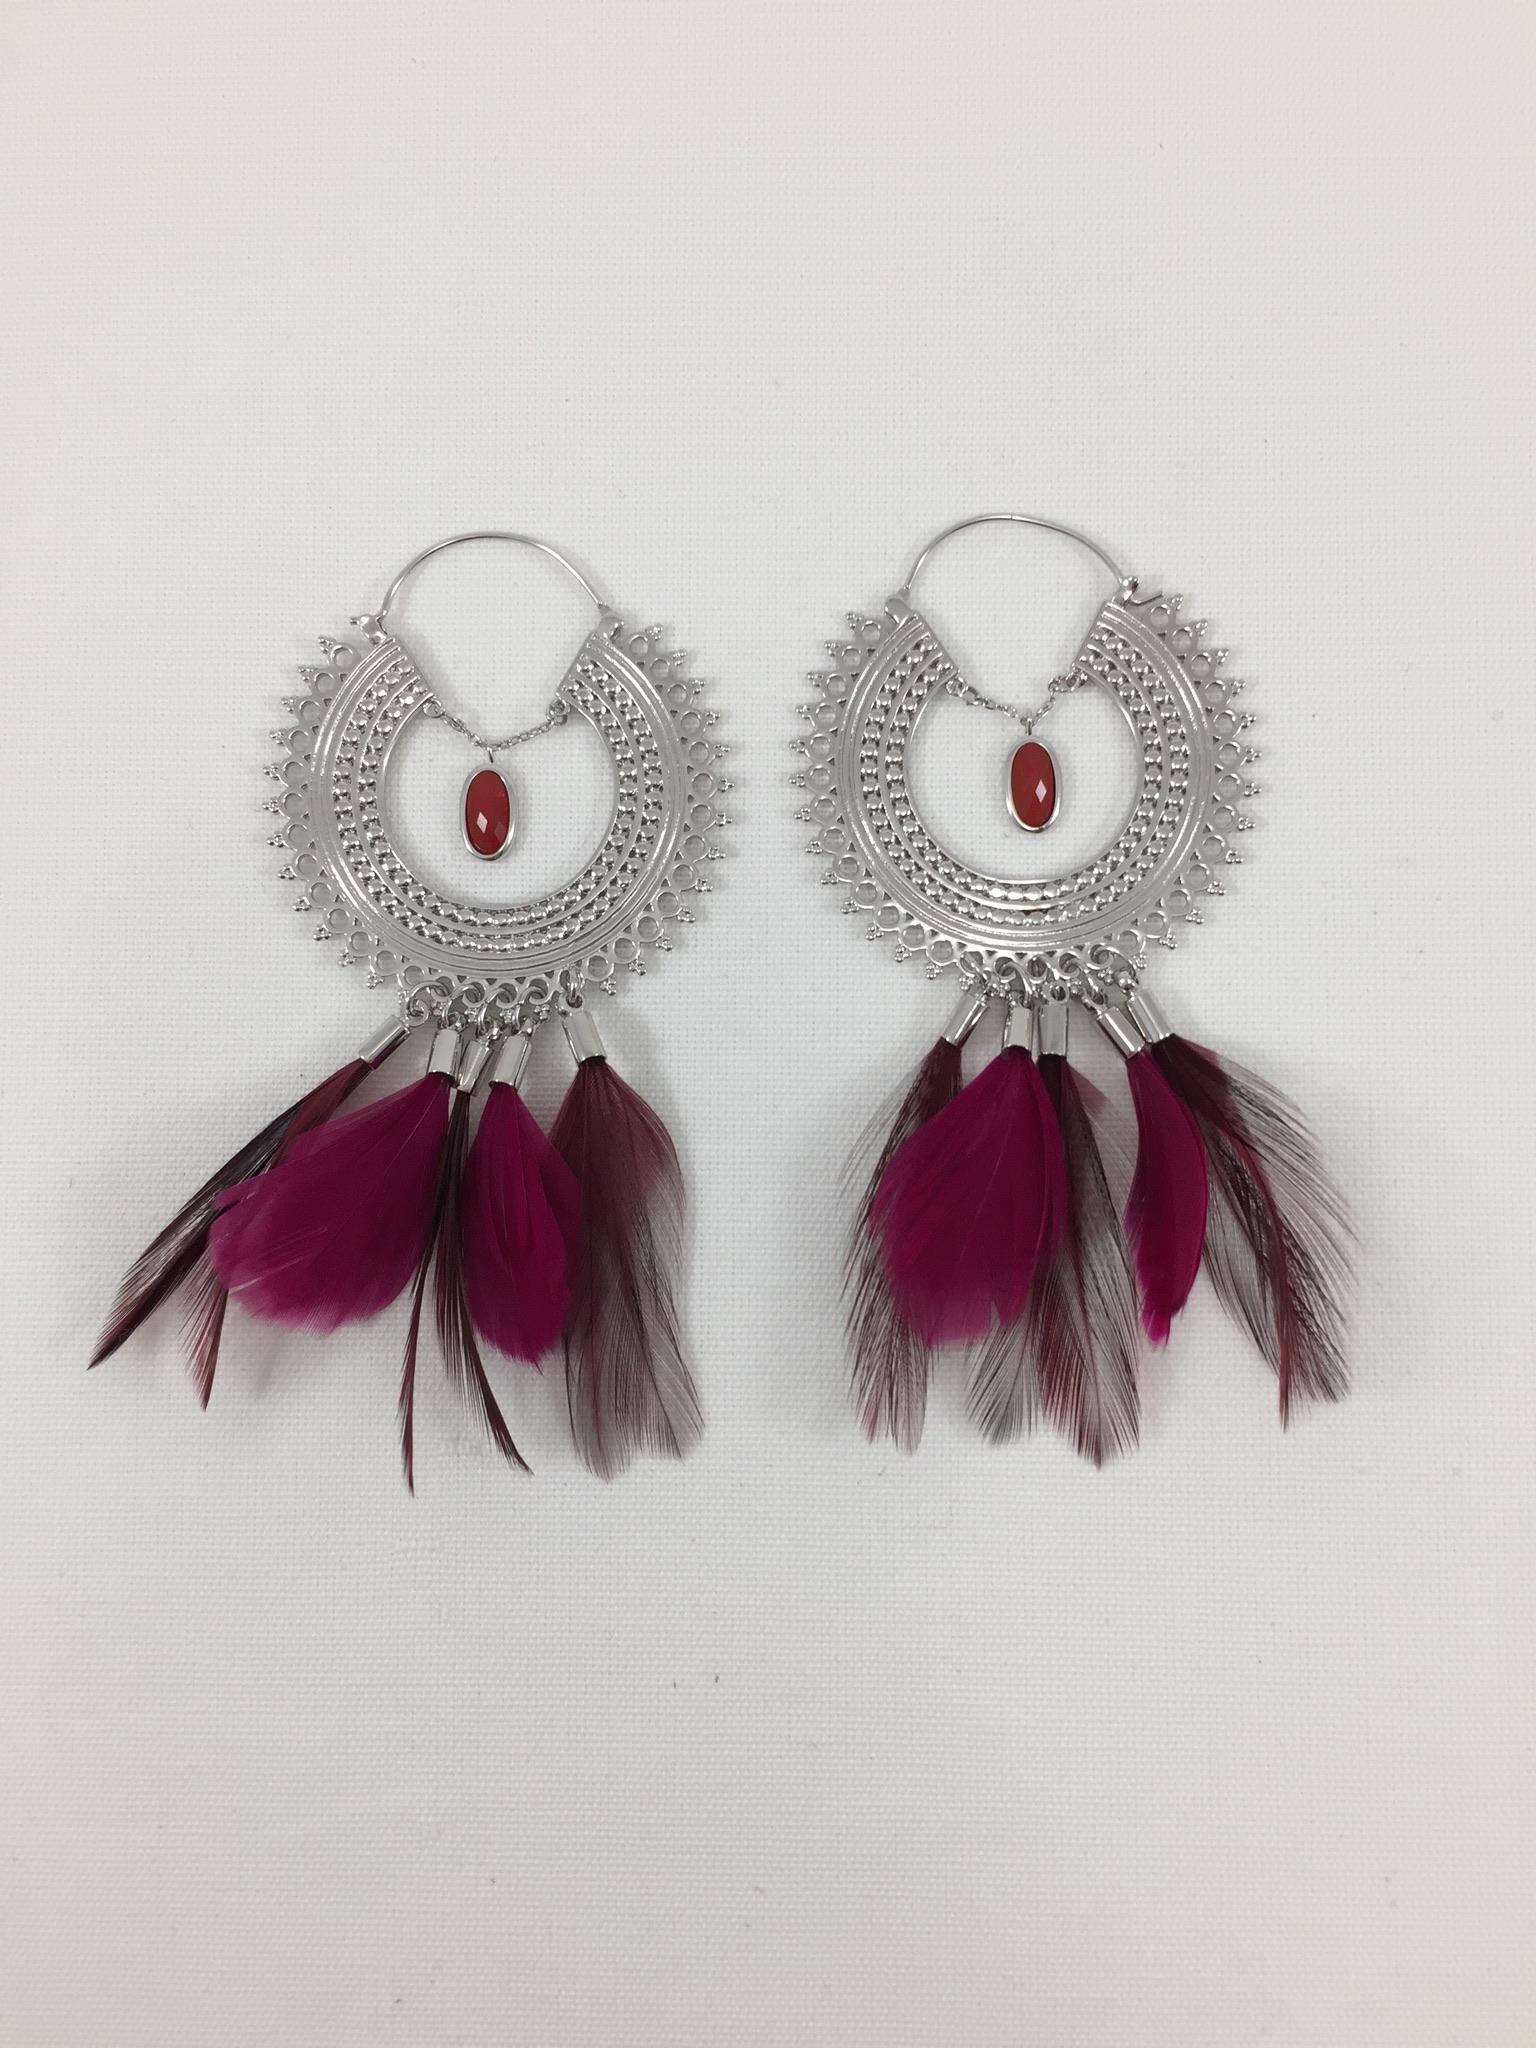 Pré-commander avant-garde de l'époque sur des coups de pieds de Boucles d'oreilles Hipanema Adore | Marie K, boutique de bijoux fantaisies